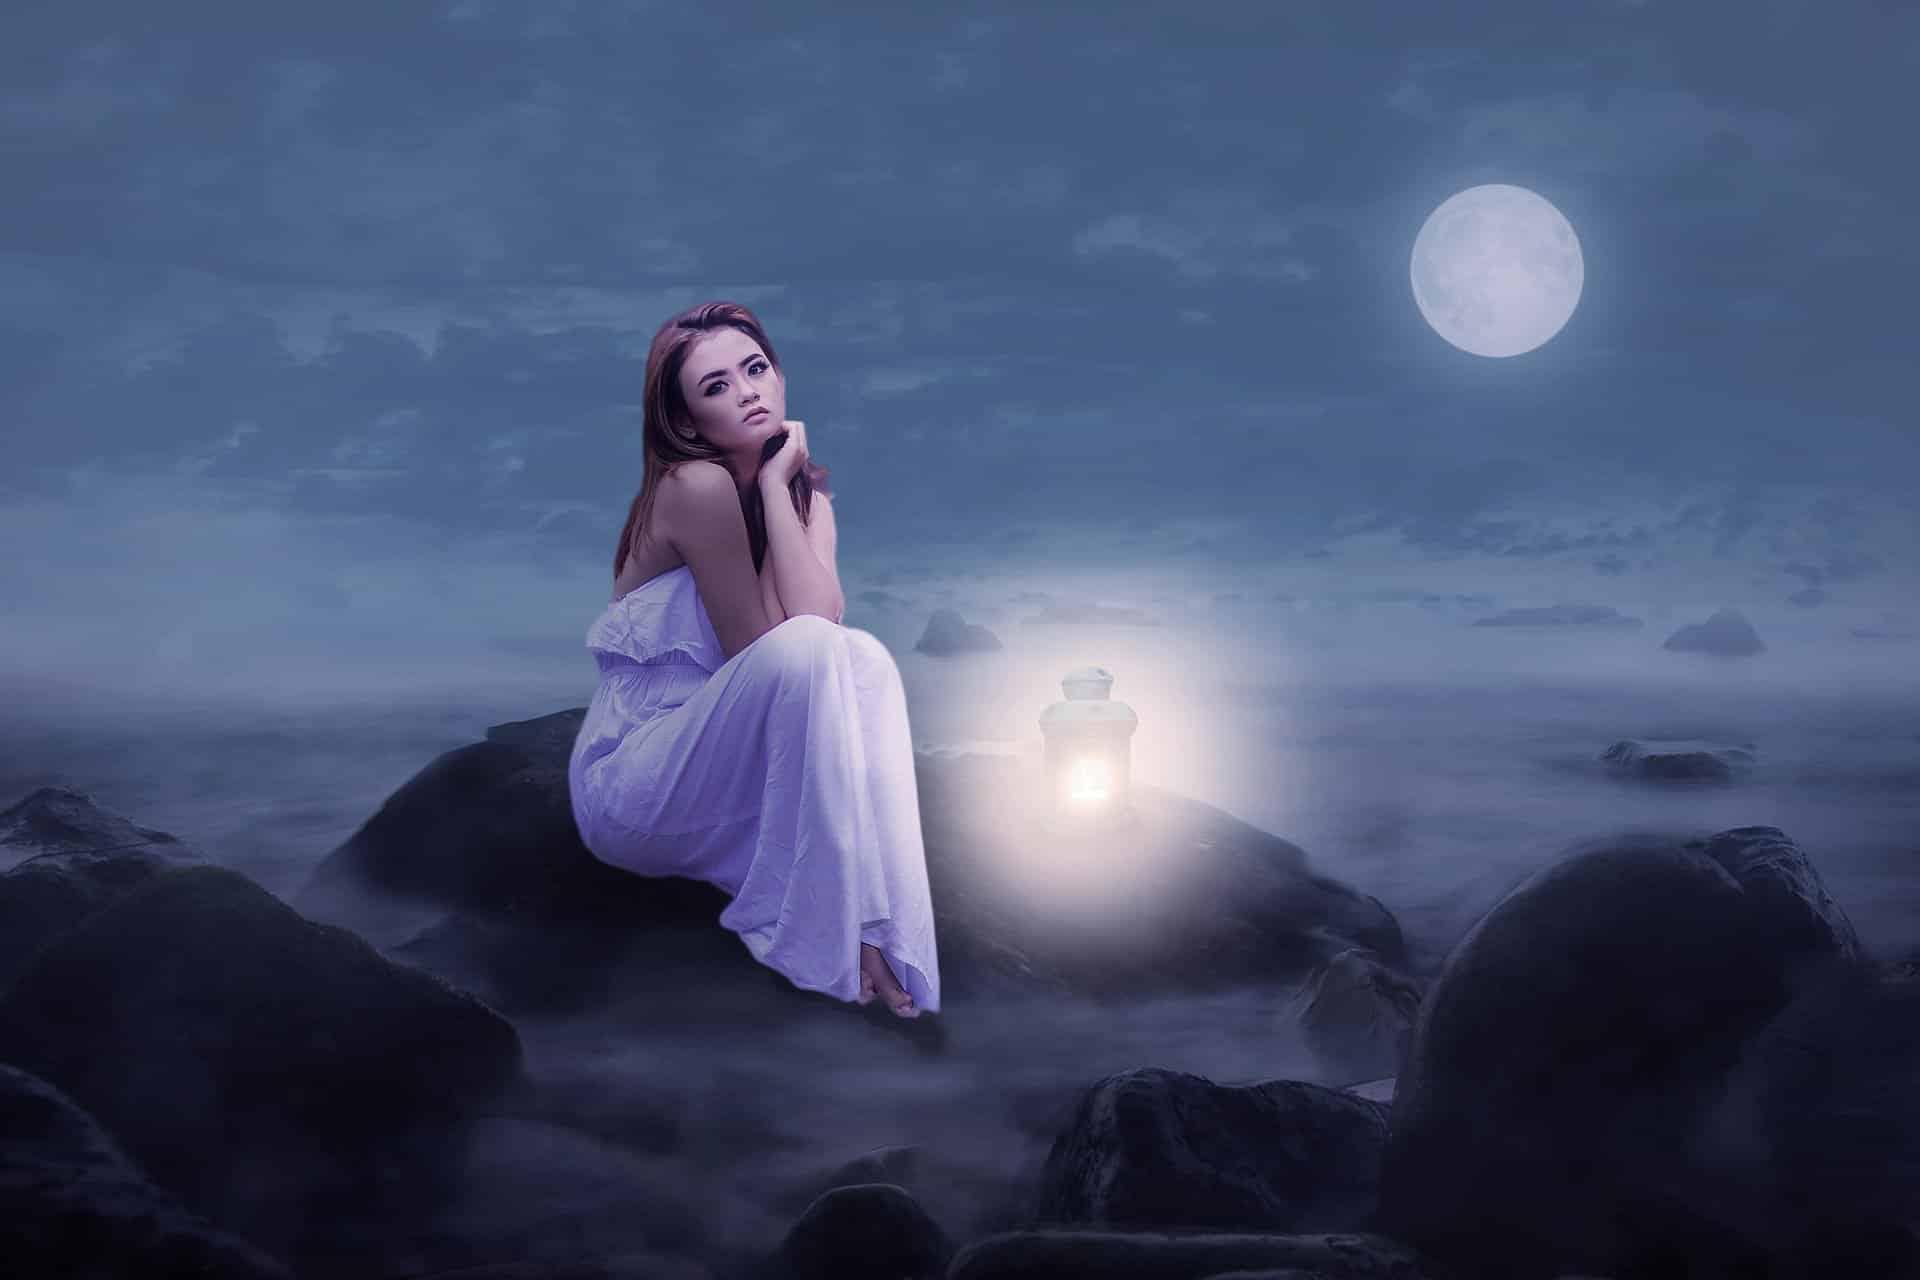 Полнолуние 2 сентября 2020: что принесёт простым людям, советы астрологов